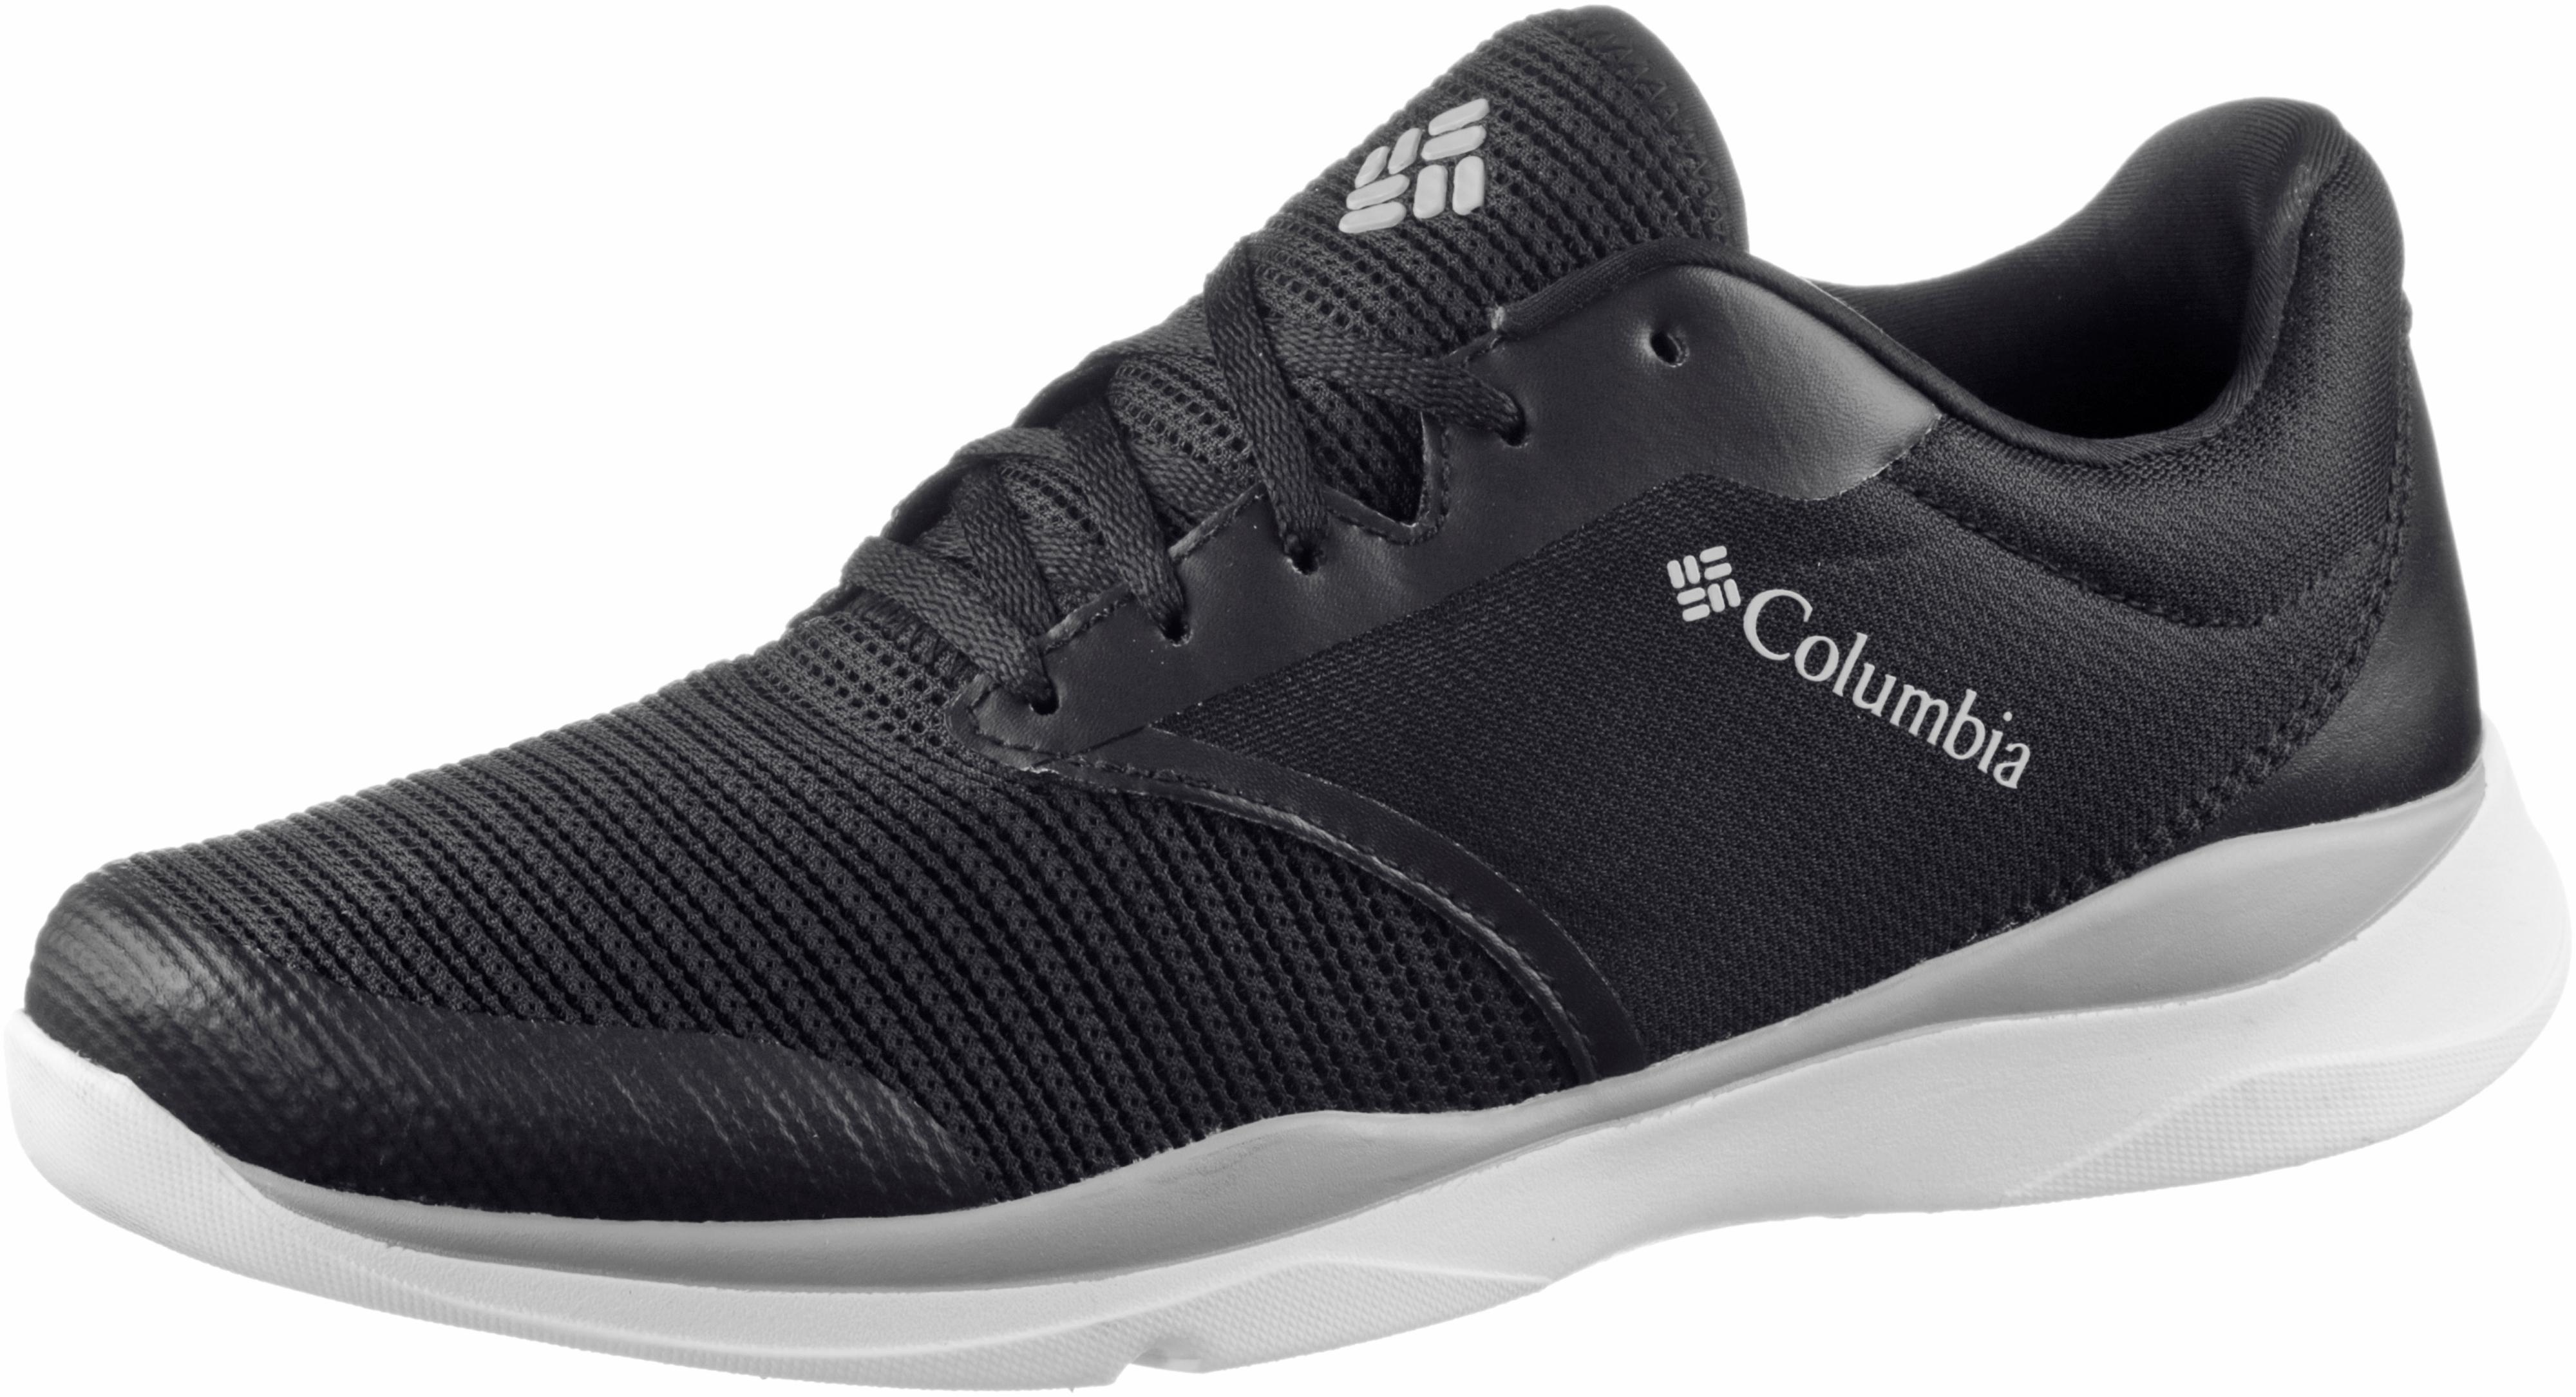 adidas cc sonic al m Herren Freizeitschuhe Sneaker S74477